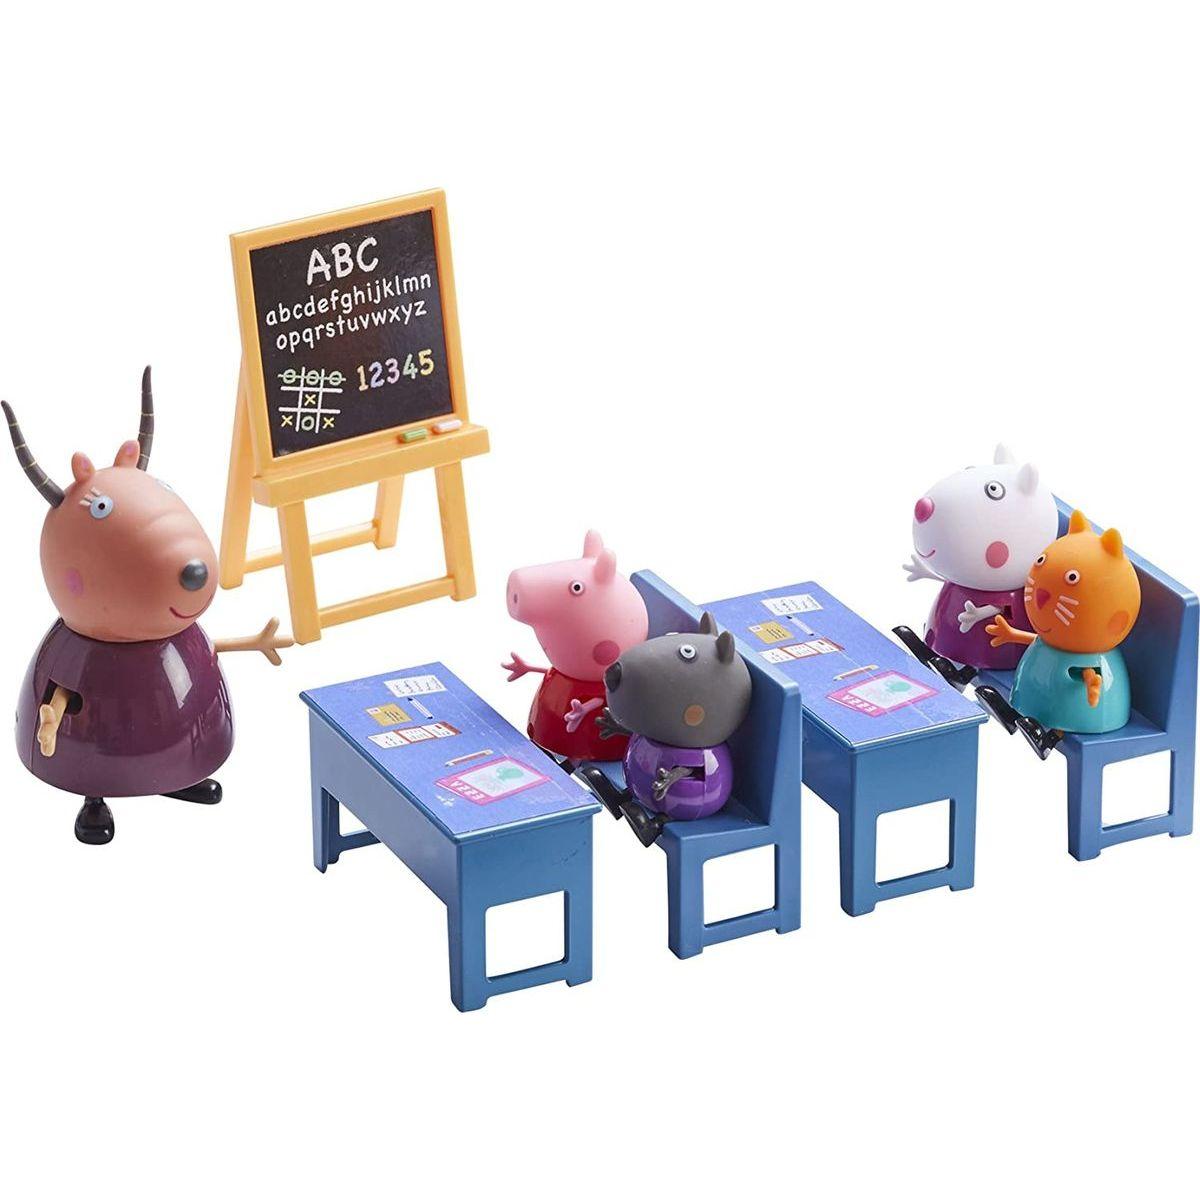 Peppa Pig školská trieda 5 figúrok - Poškodený obal